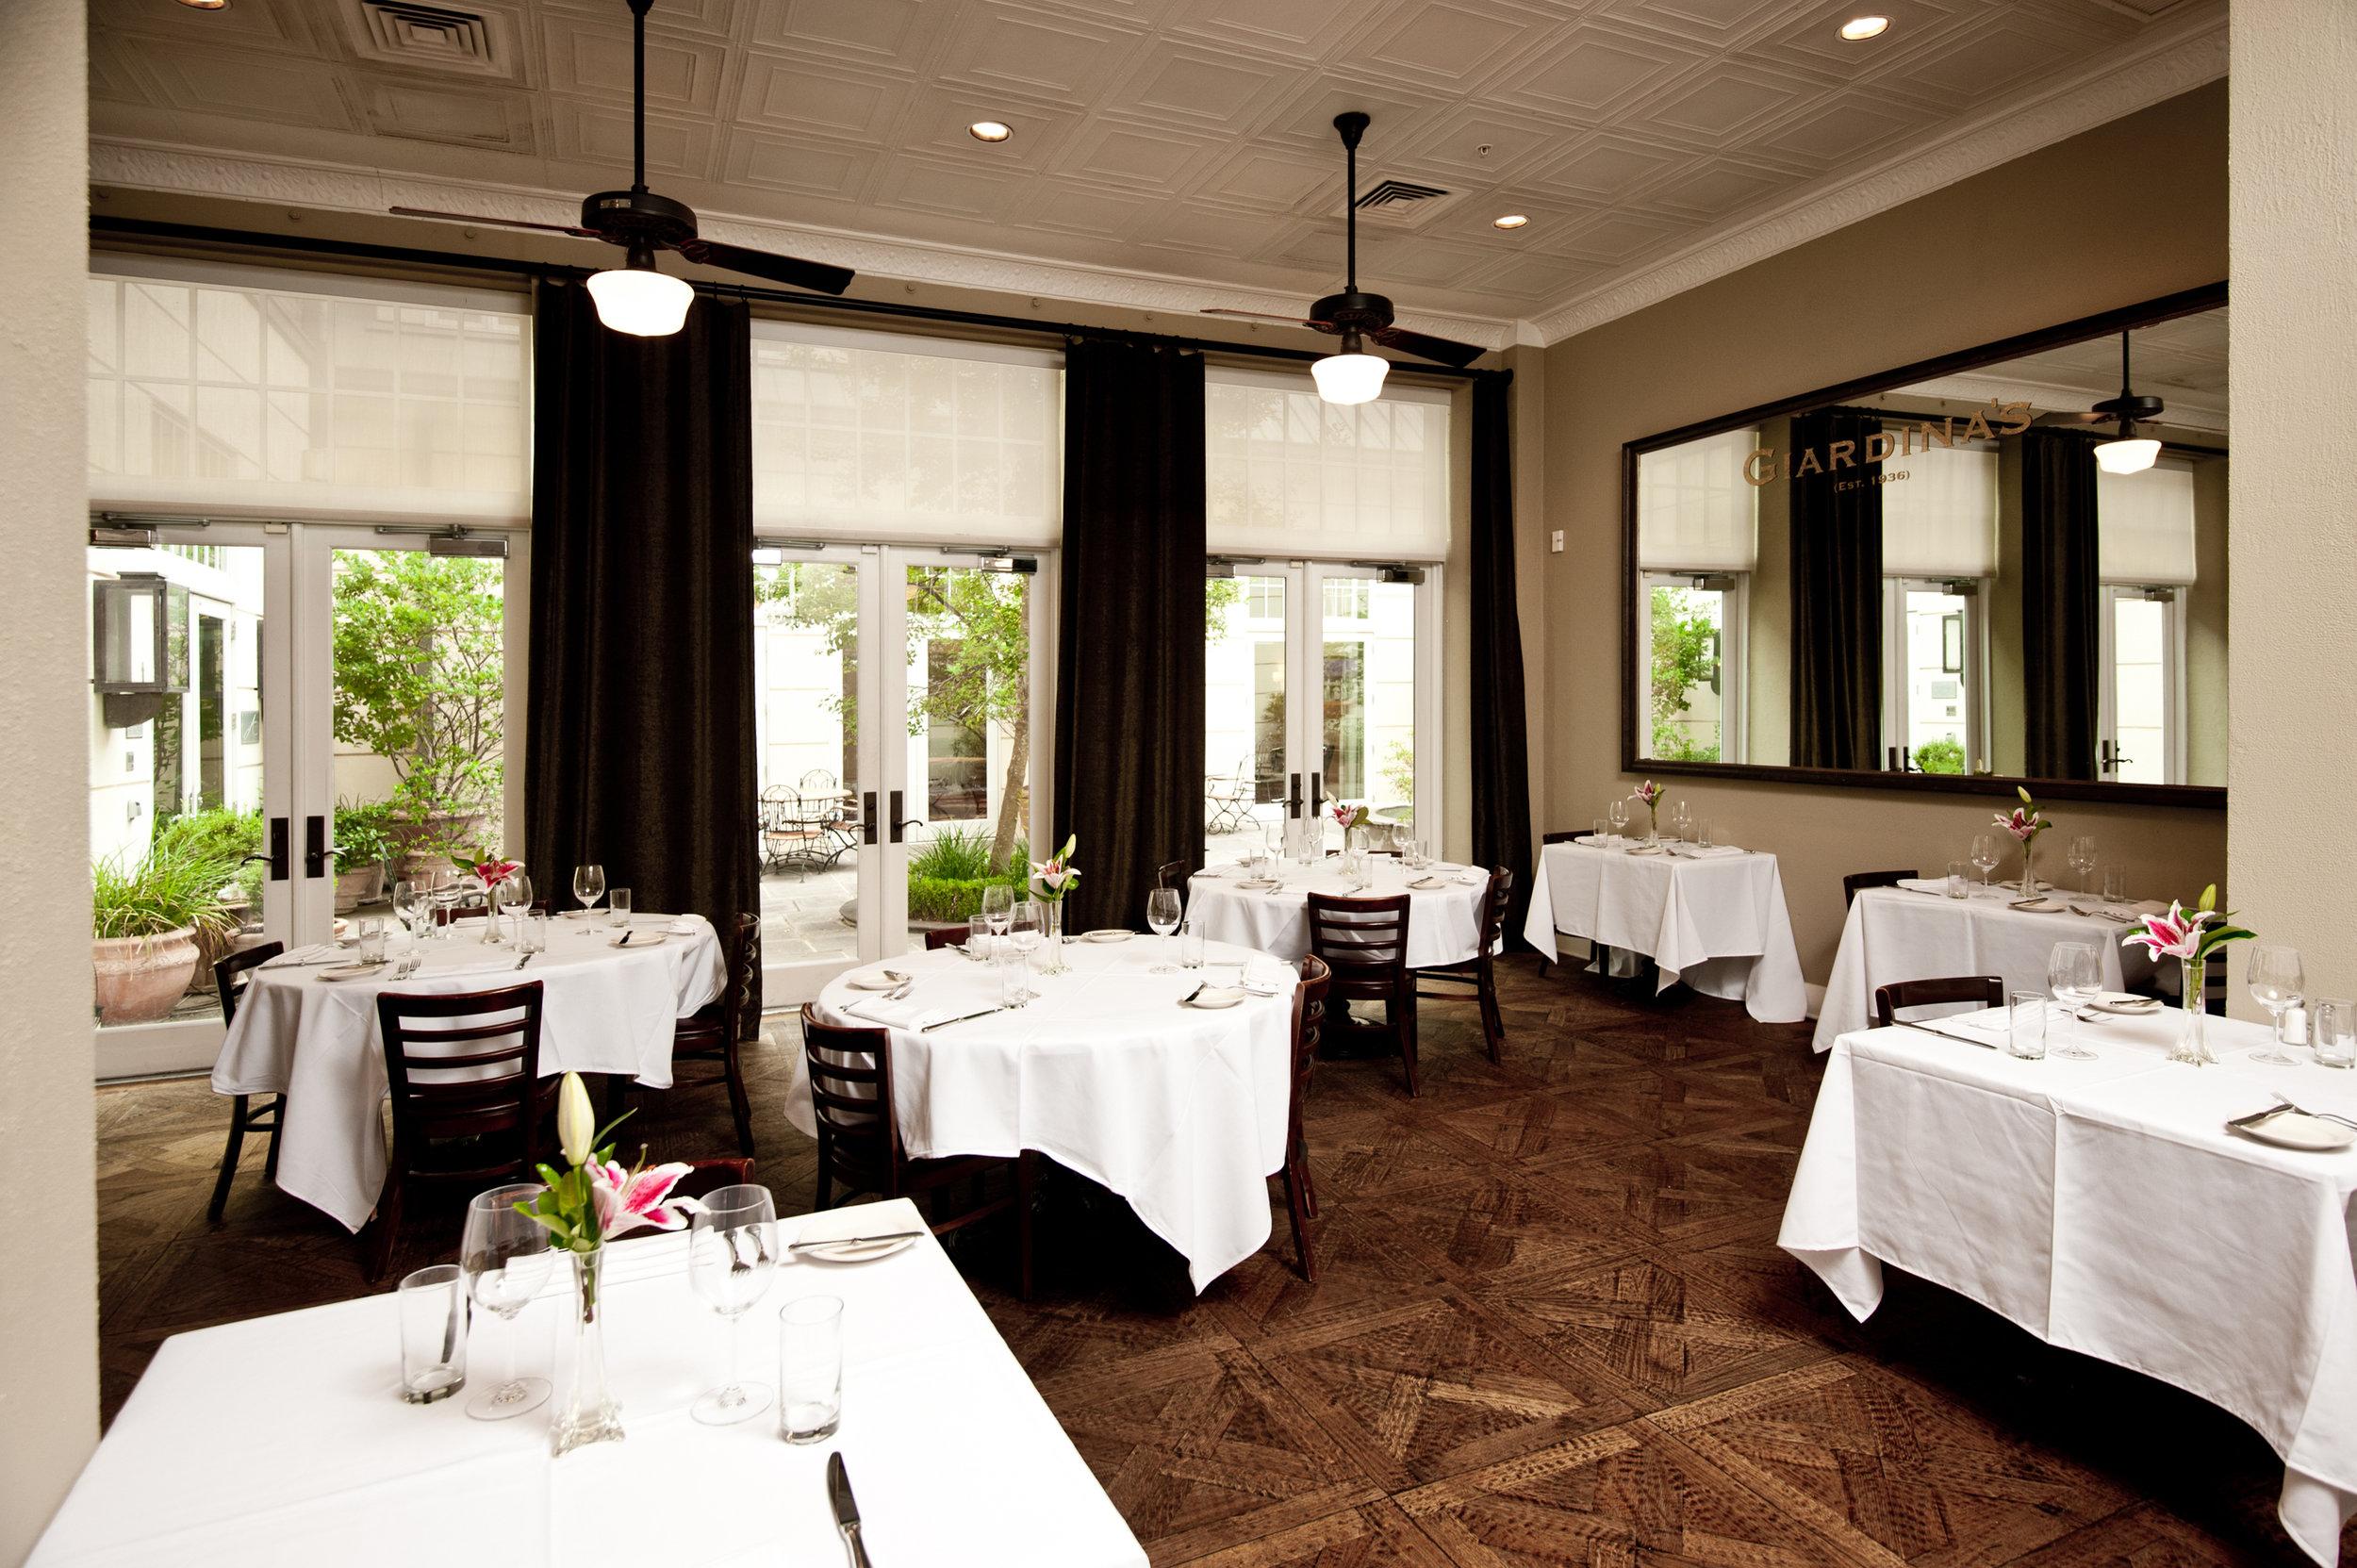 Giadinas dining room2.JPG